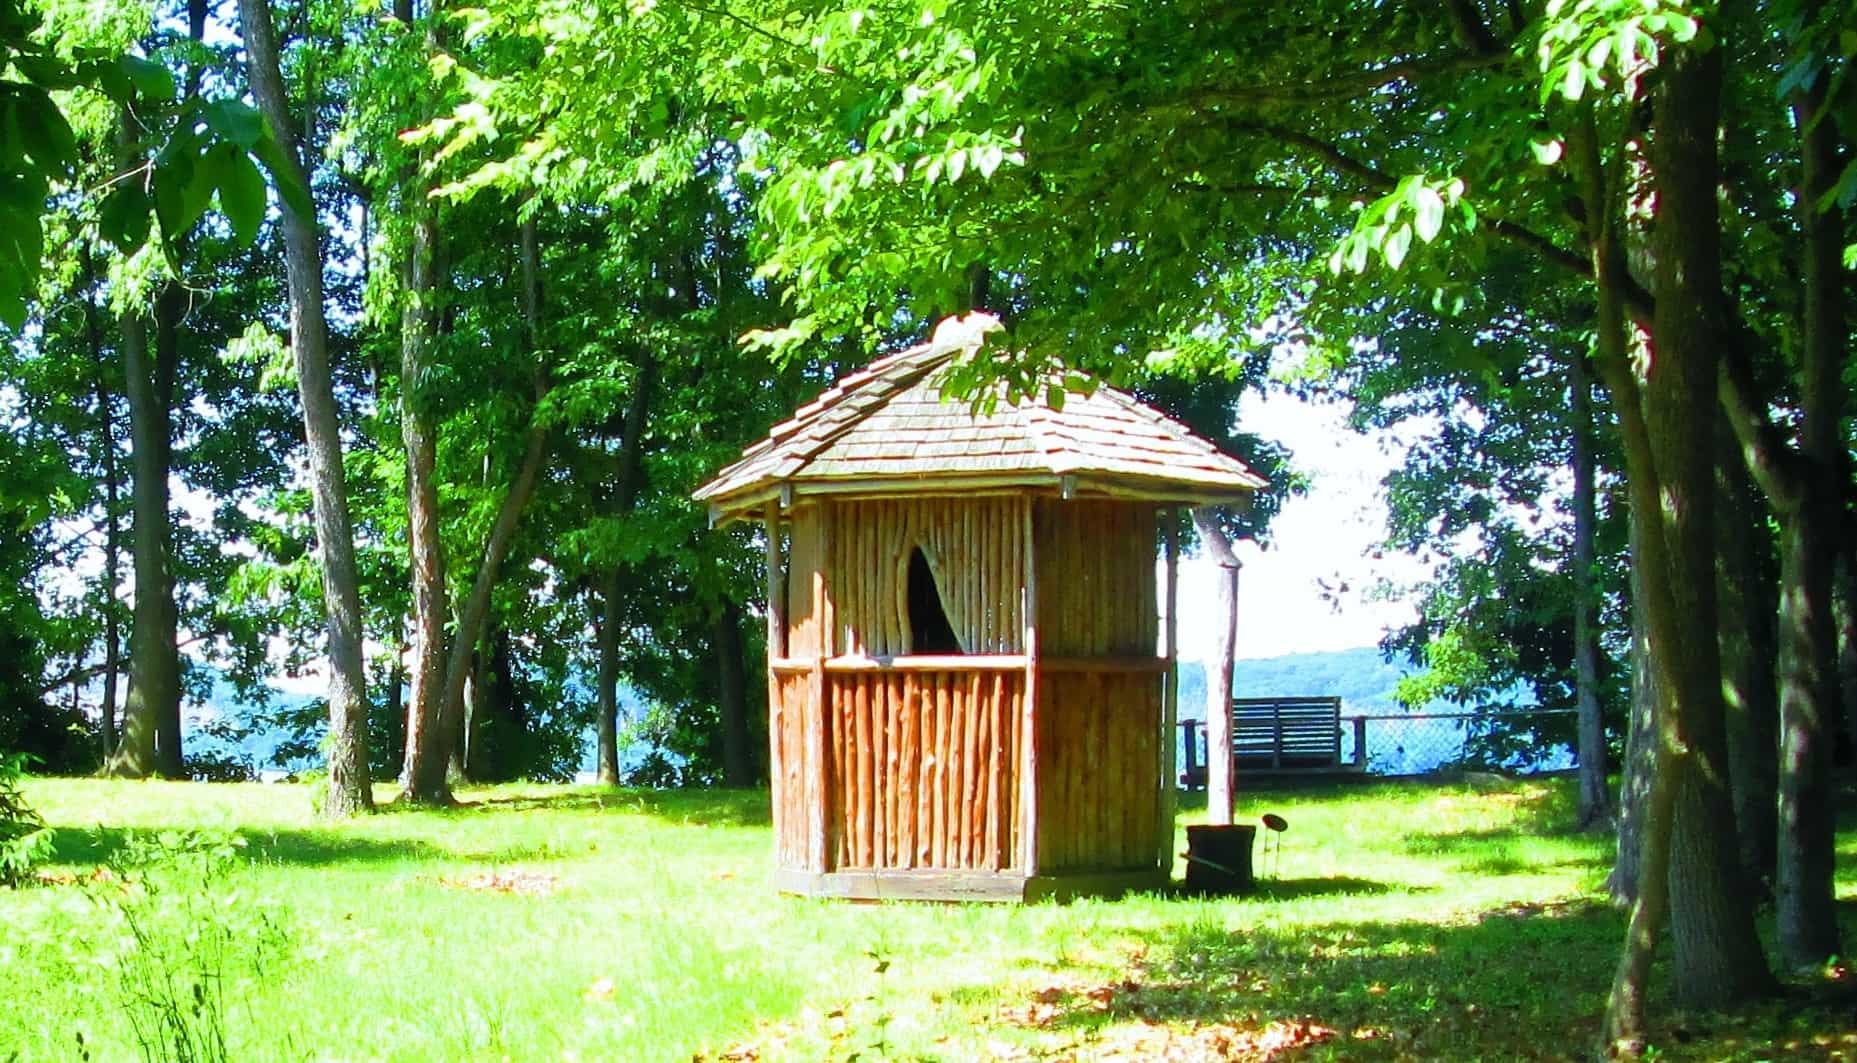 Healing Hut in Sun